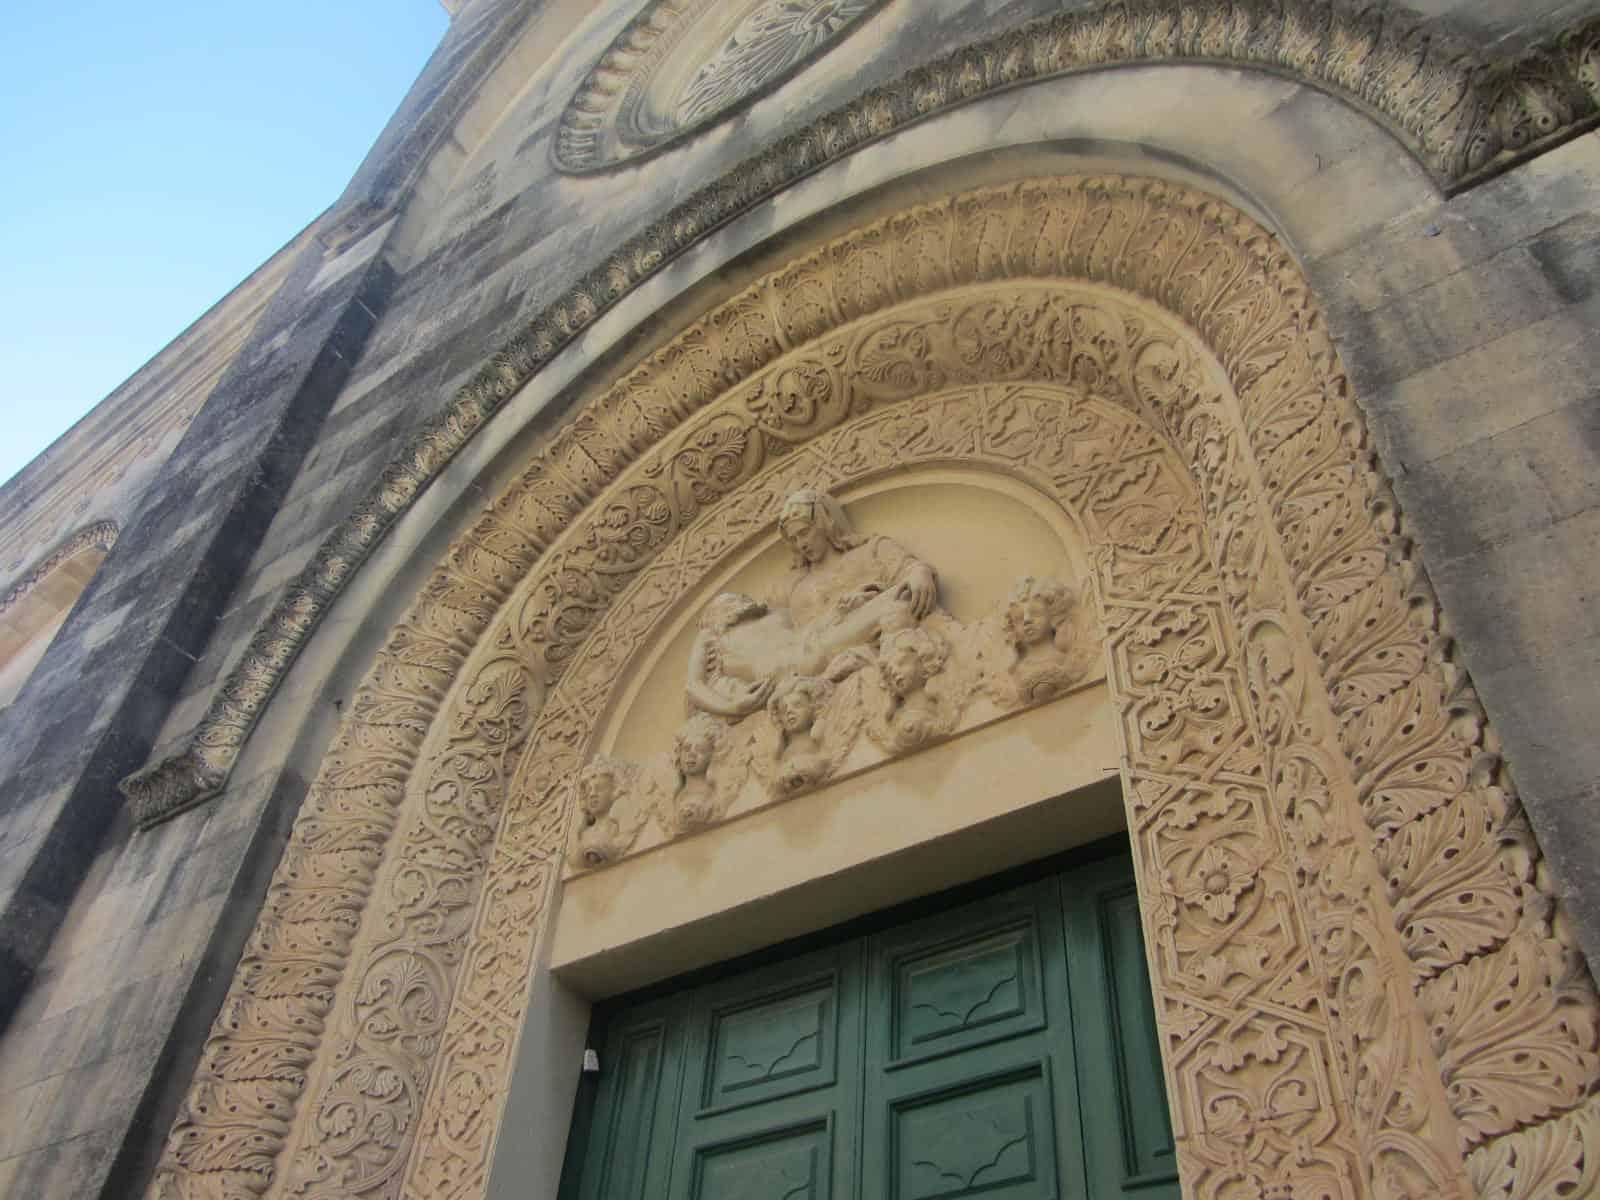 L'antico portale della Chiesa dell'Addolorata, Corigliano d'Otranto